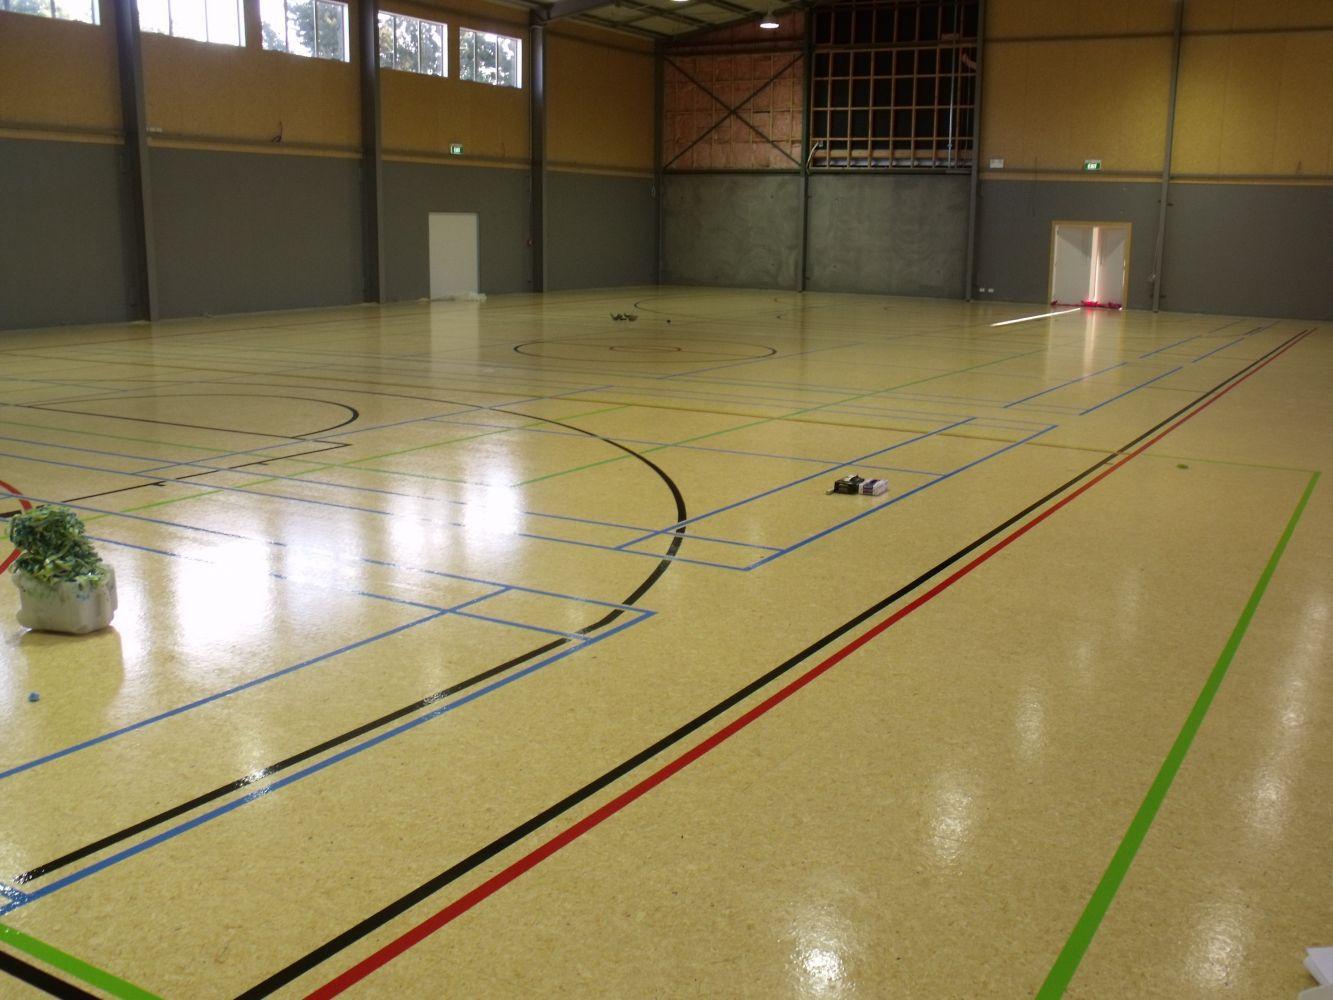 Line marking in a gymnasium